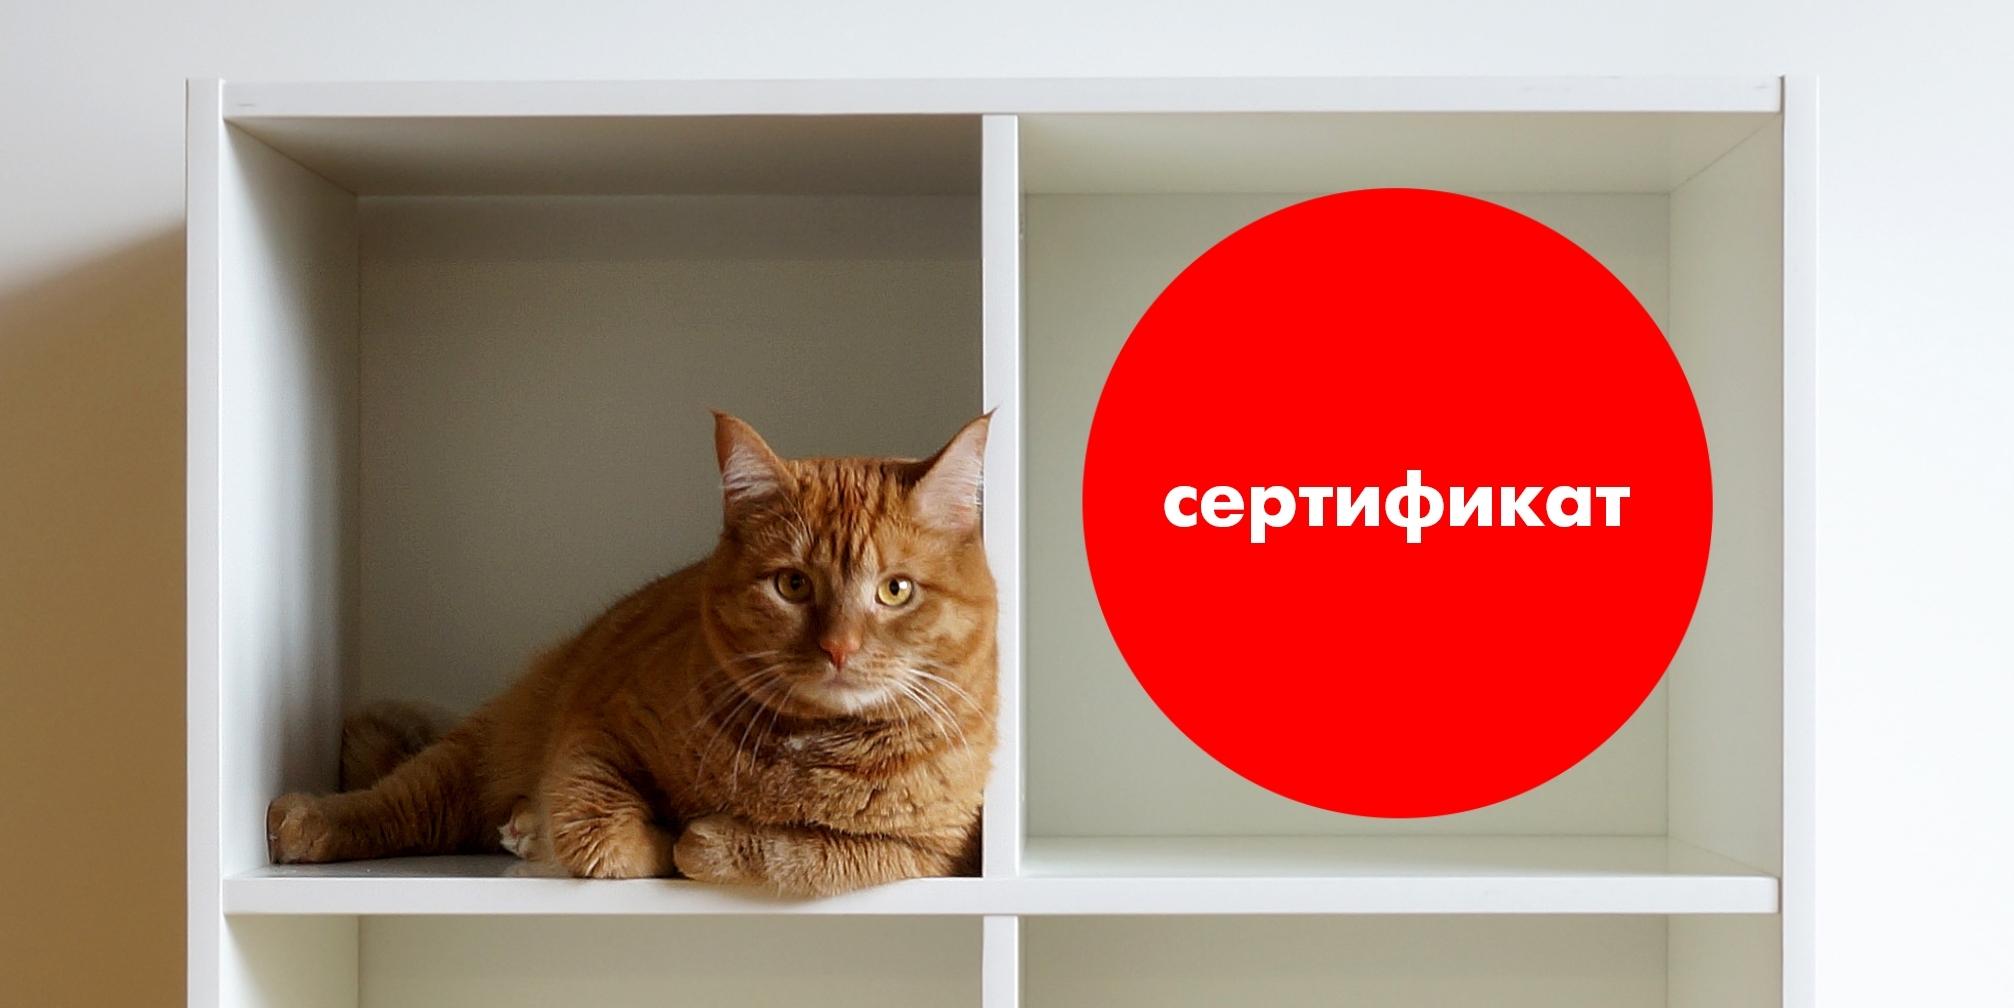 Внимание! Розыгрыш сертификата на 3000 рублей.